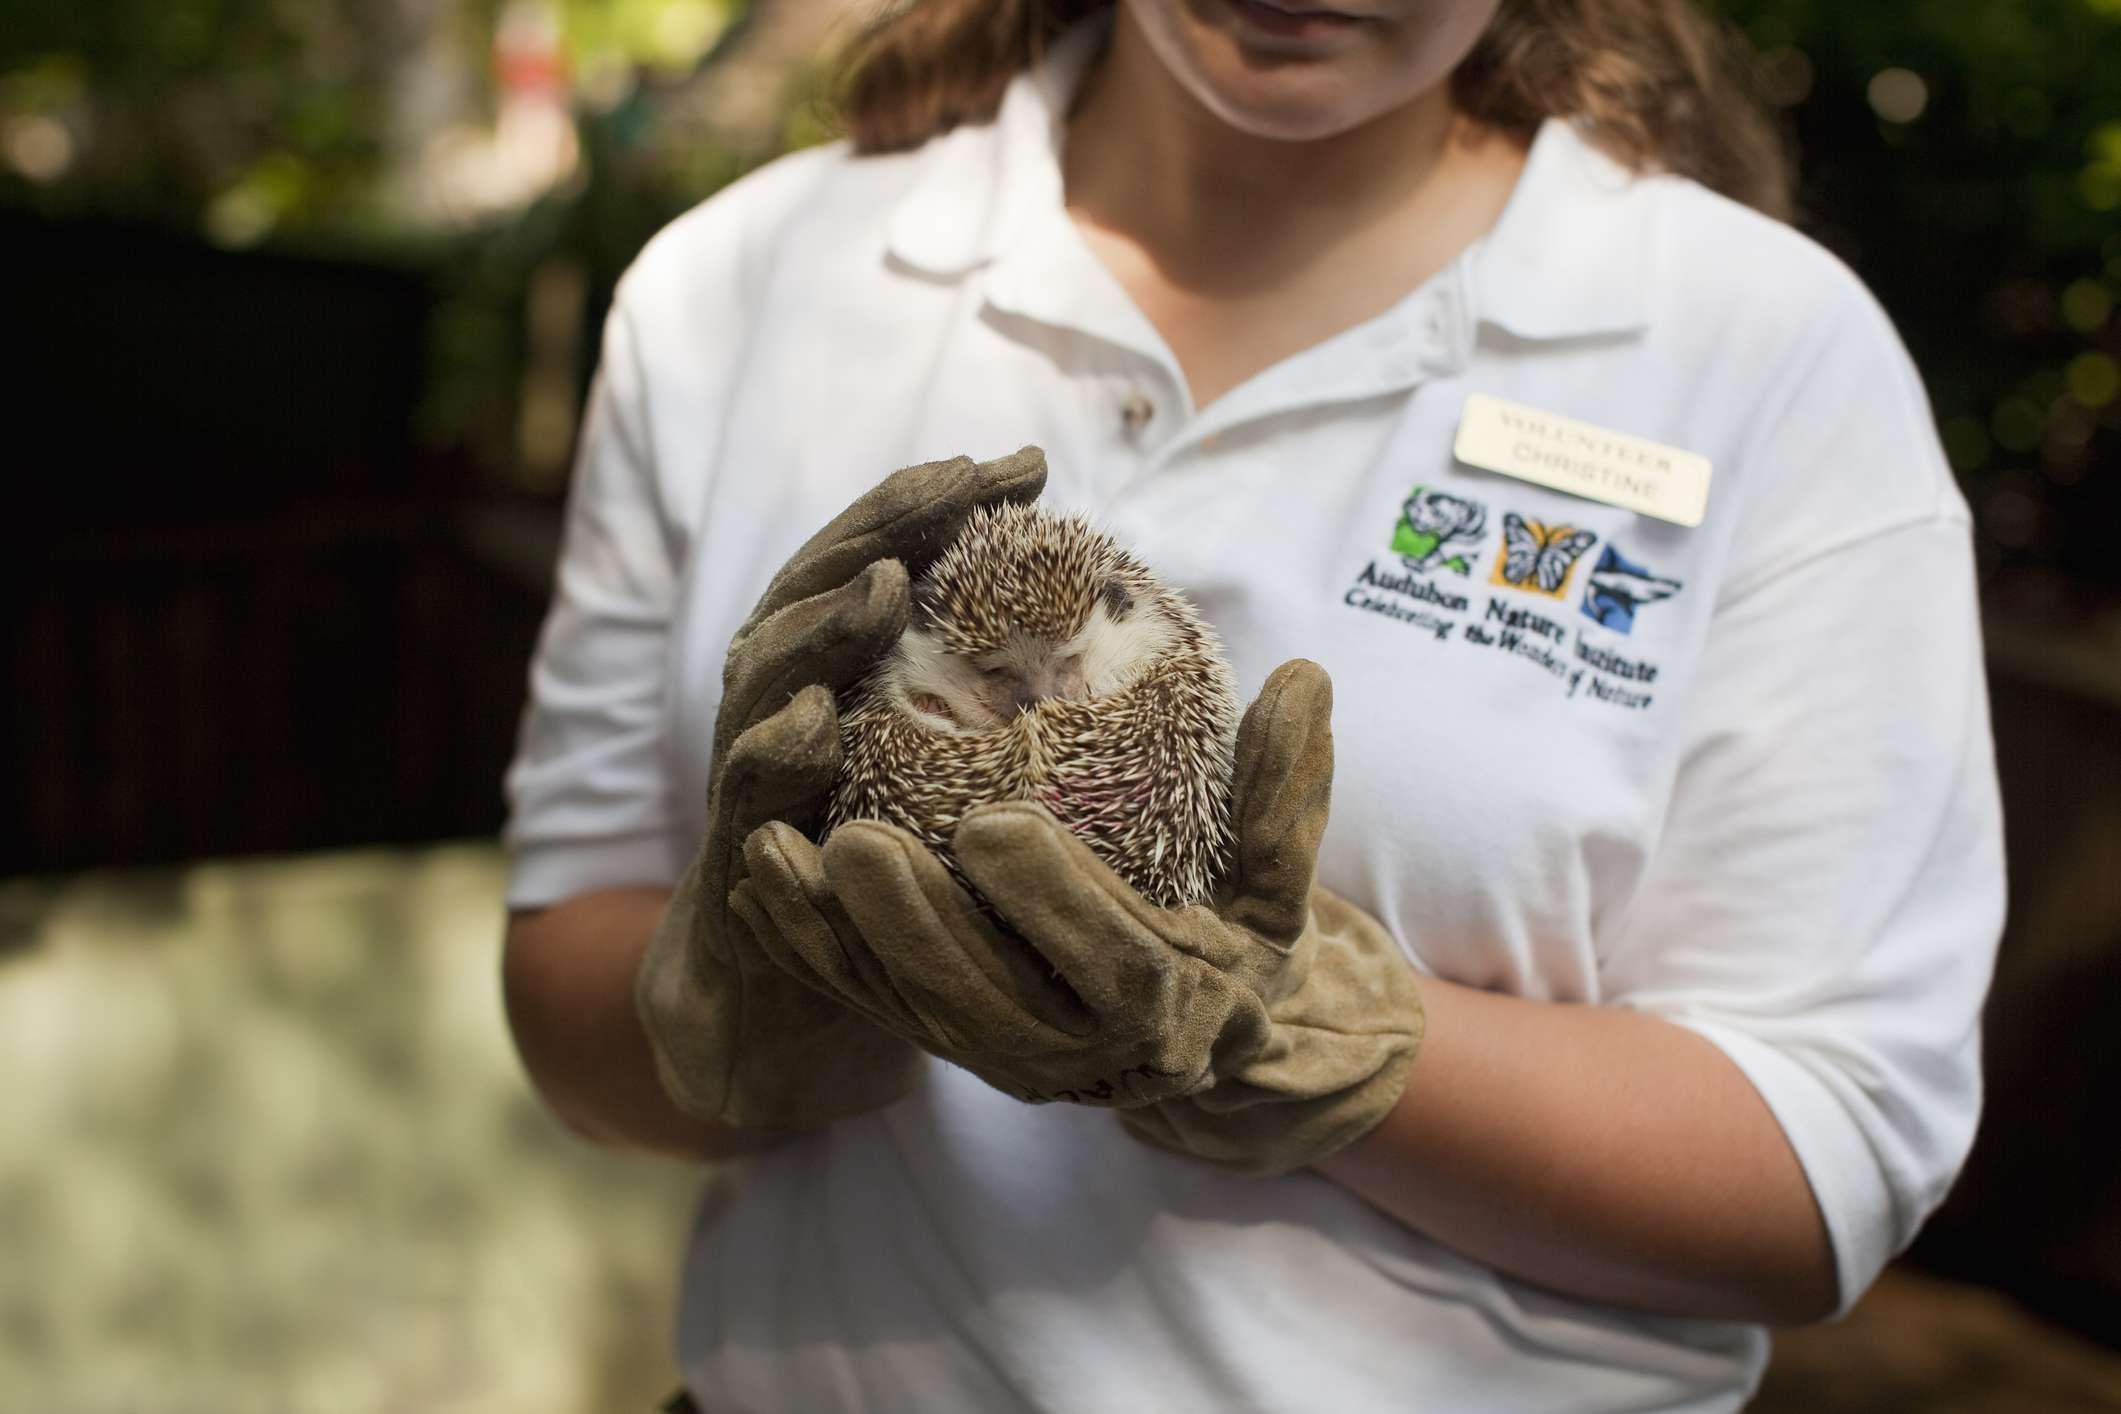 Voluntario mostrando erizo en la sección de caricias del zoológico de Audubon